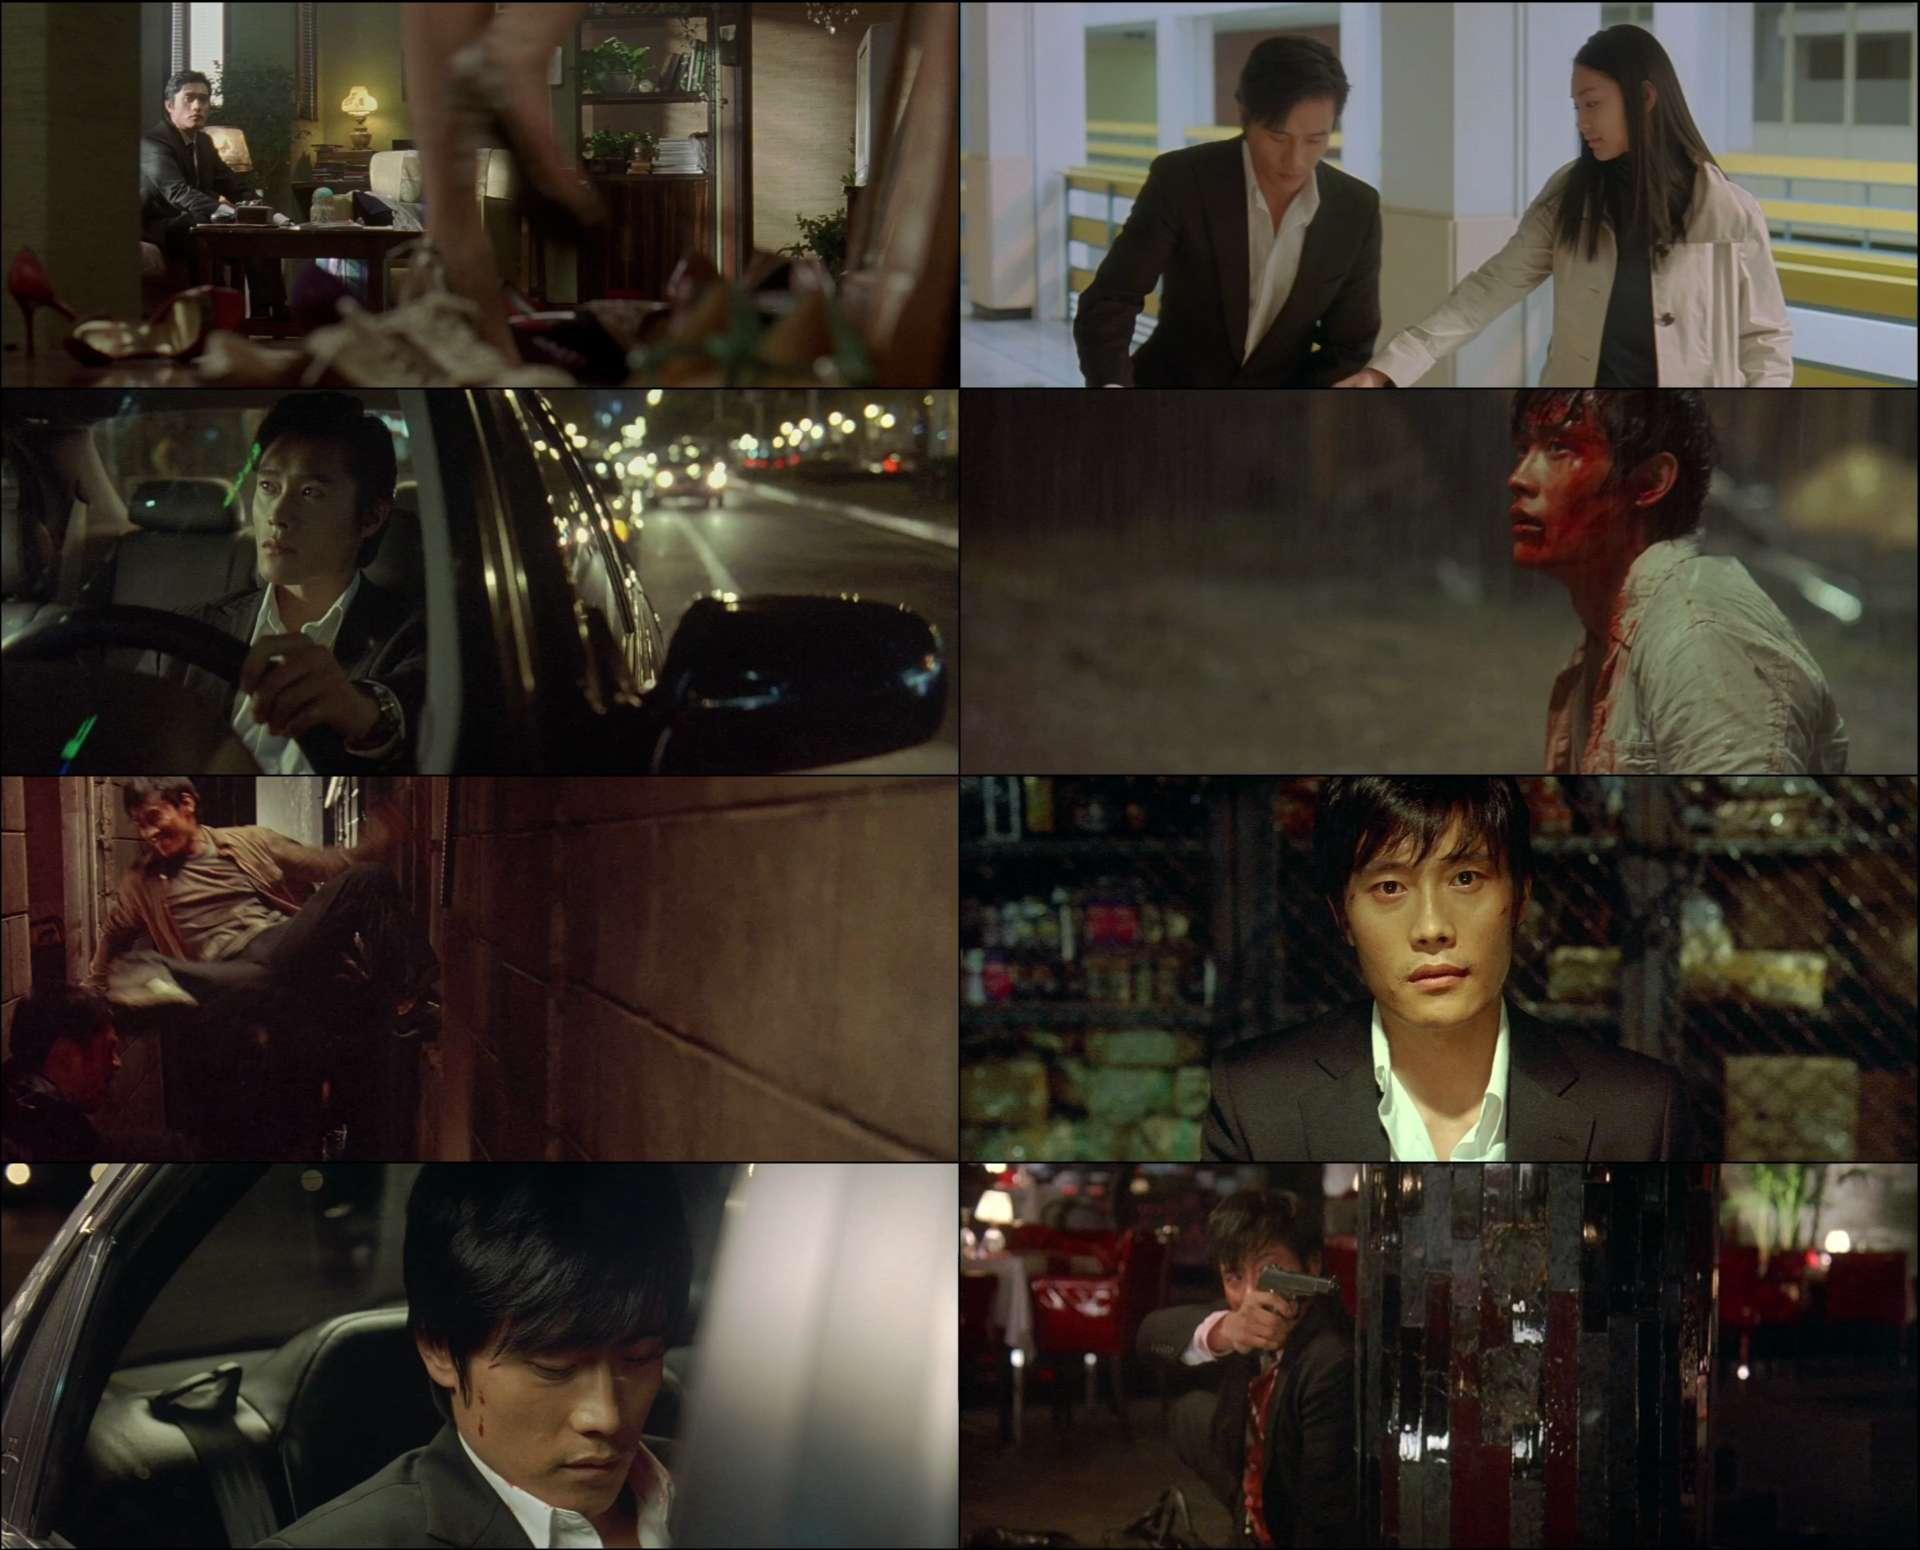 Acı Tatlı Hayat - A Bittersweet Life (2005) türkçe dublaj film indir